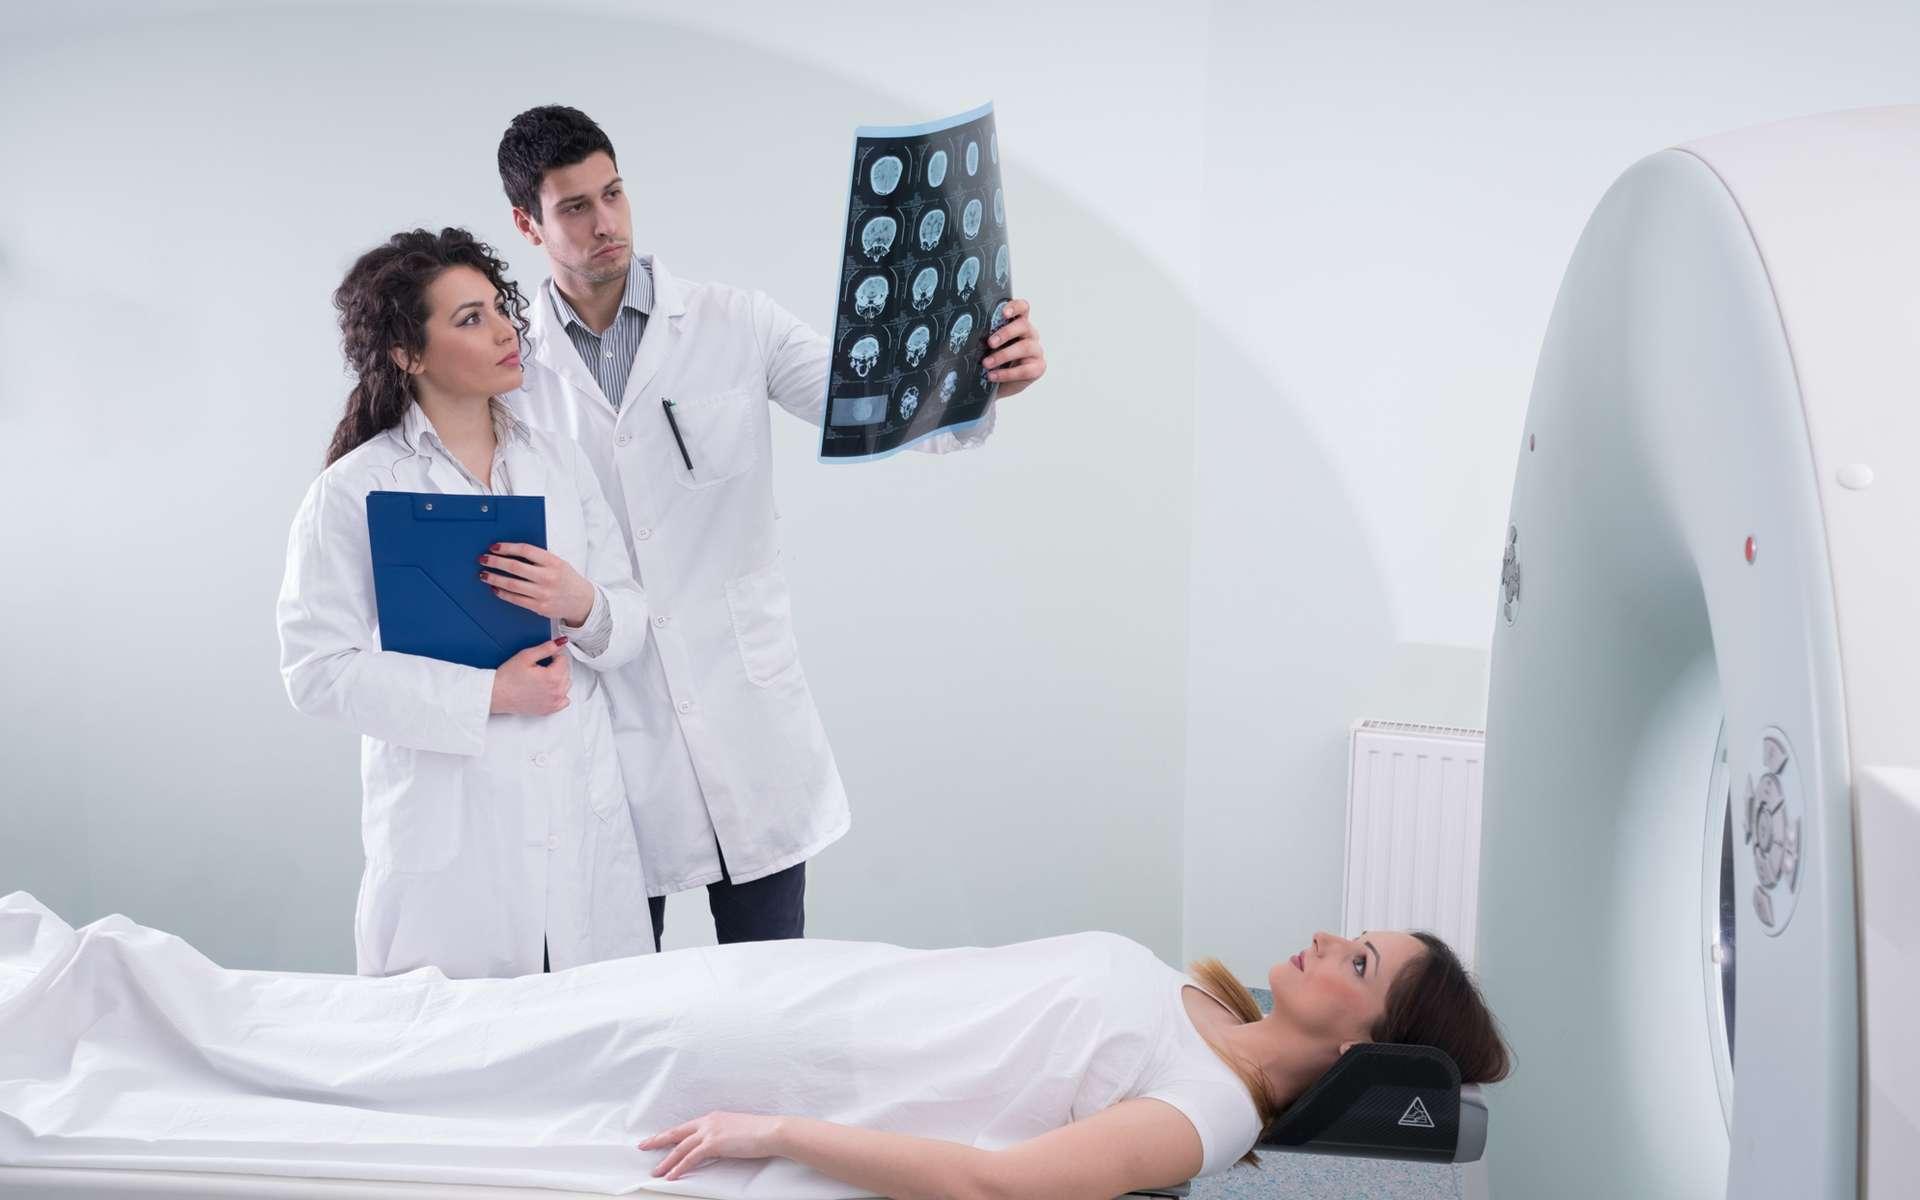 L'imagerie médicale que permet une IRM peut sauver des vies mais aussi faire progresser les neurosciences. La multiplication de ces machines est une nécessité pour une médecine plus performante et accessible à tous. © fotoinfot, Shutterstock